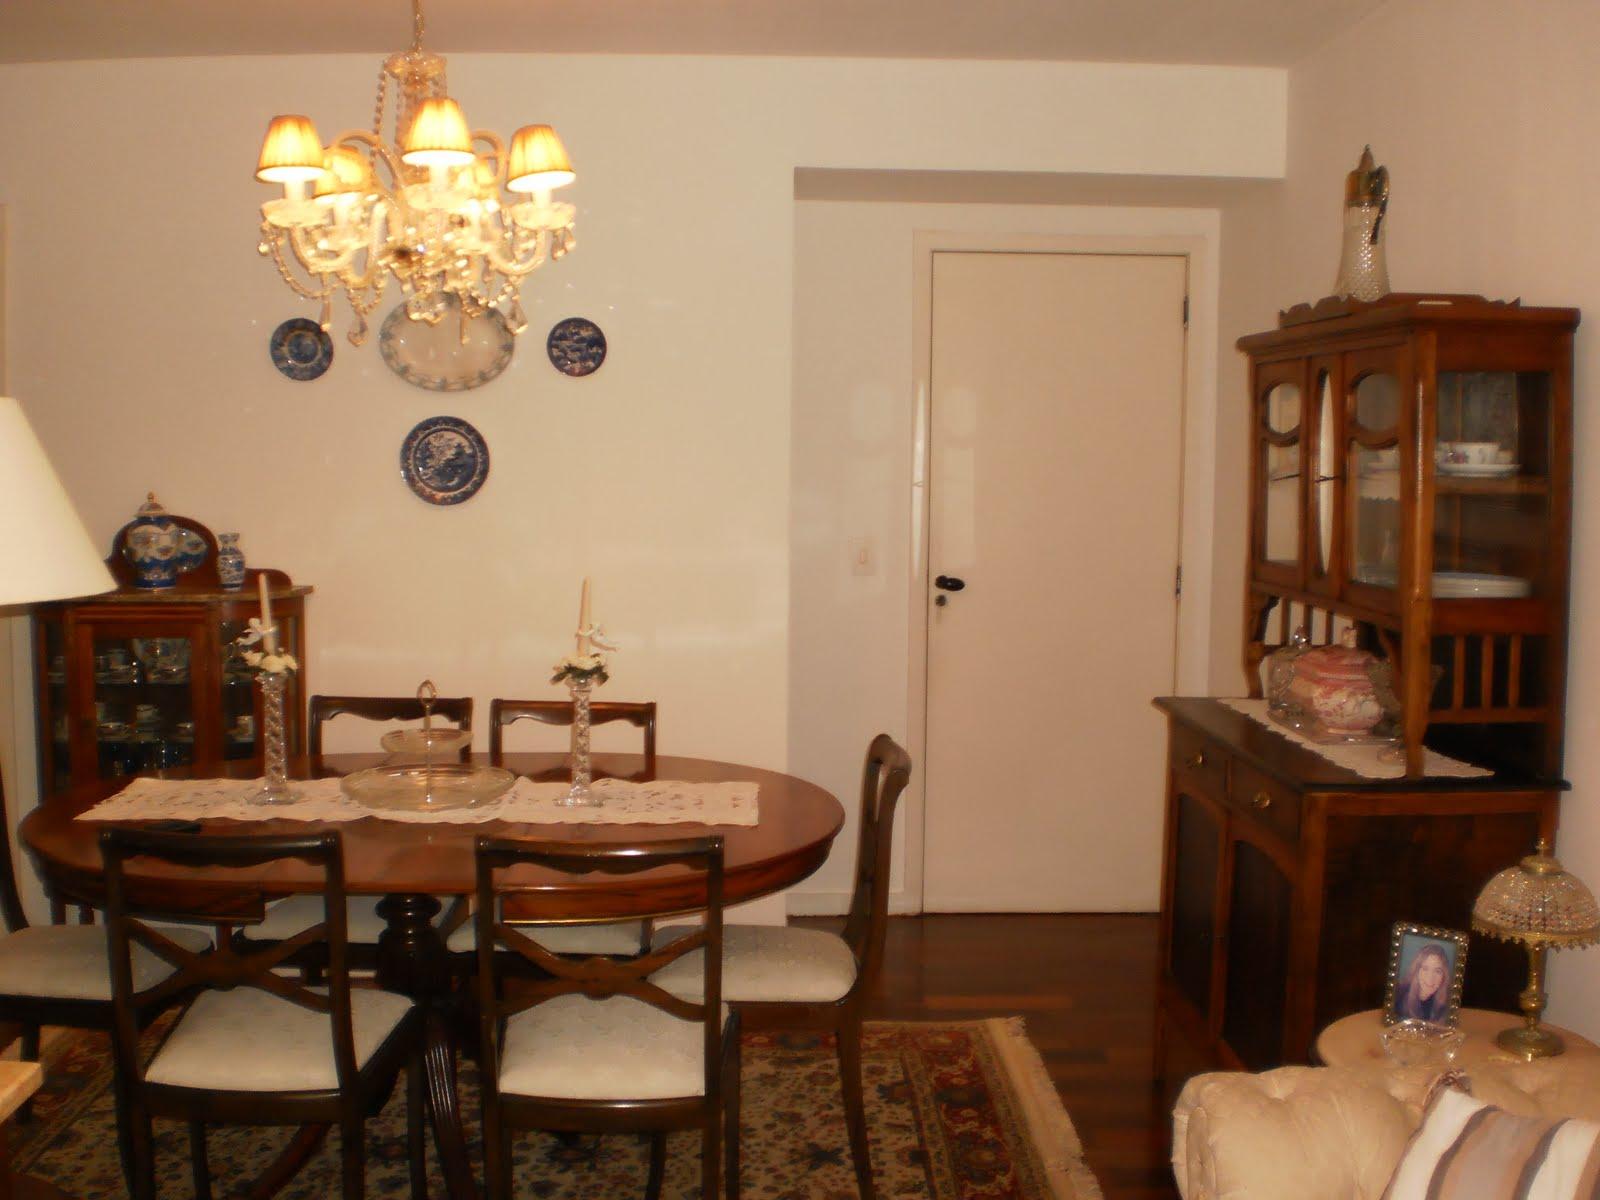 Decorando minha casa: Minha sala de estar e de jantar #C68005 1600x1200